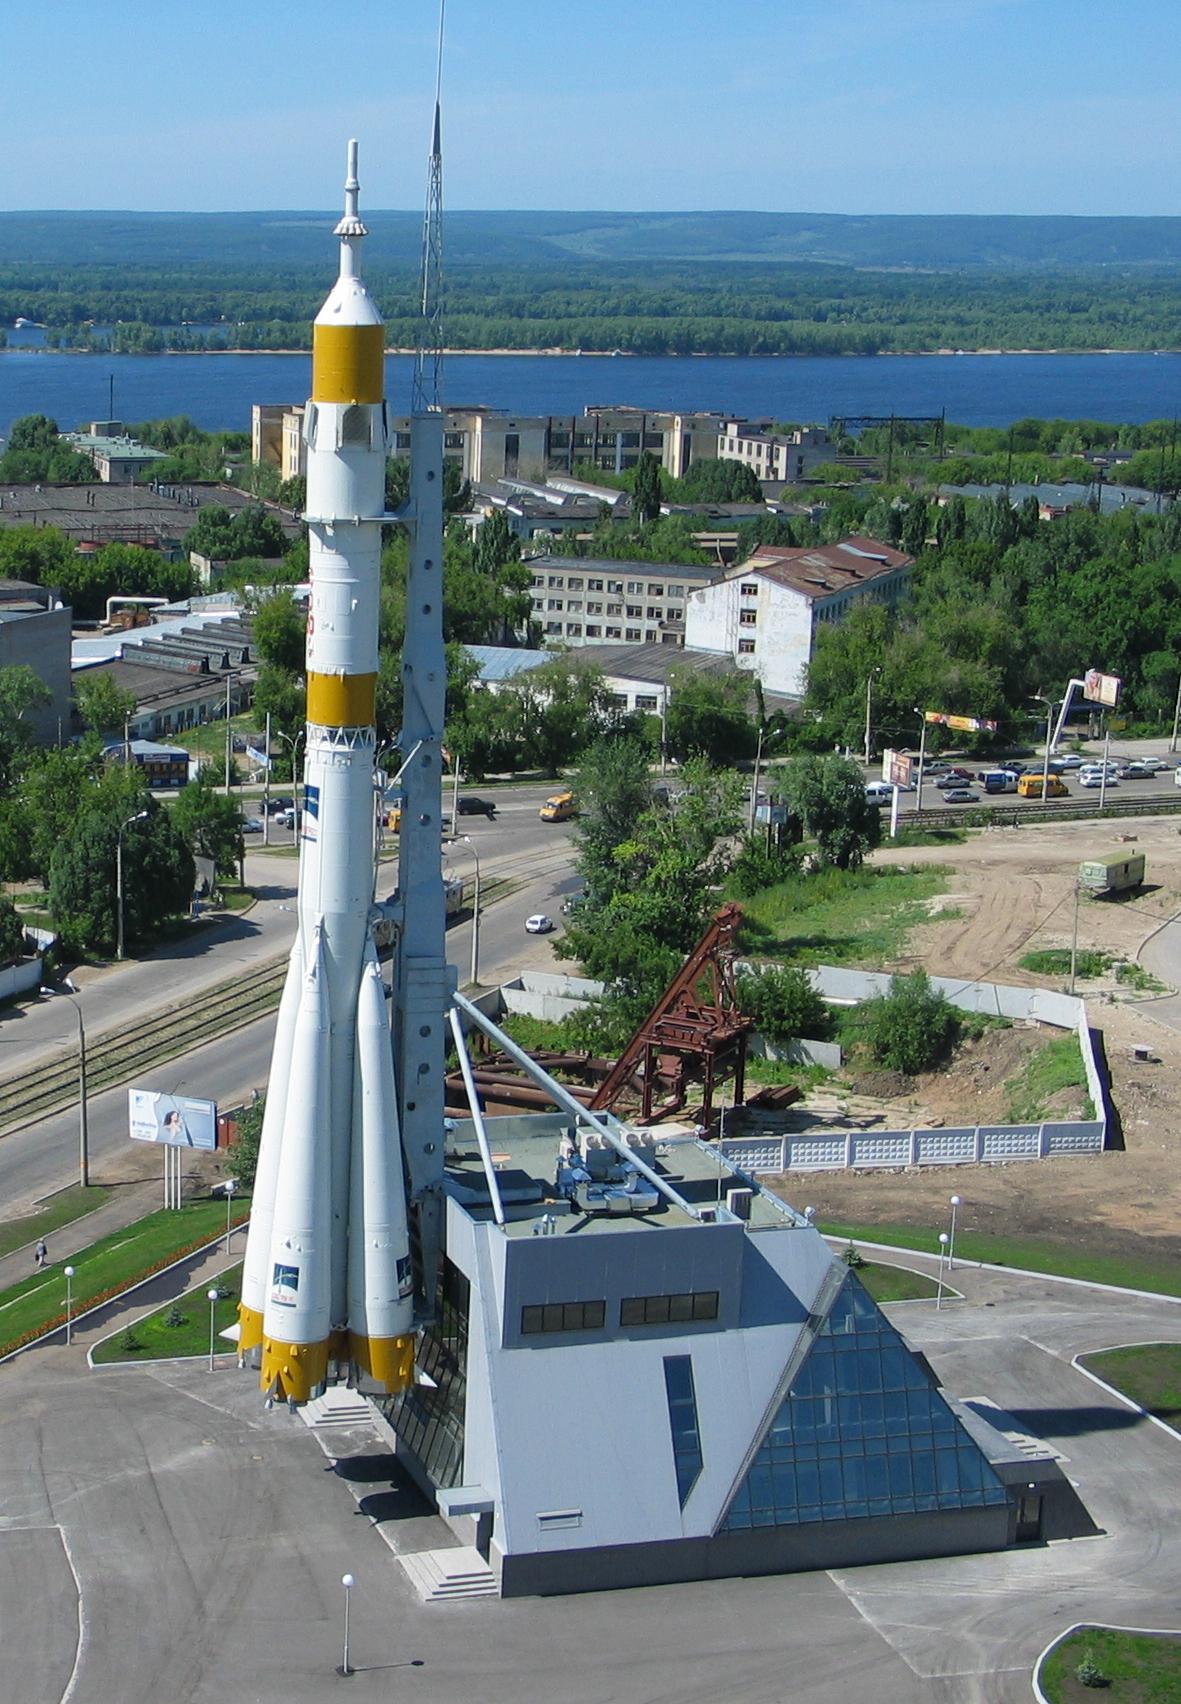 Raketa_Samara.jpg